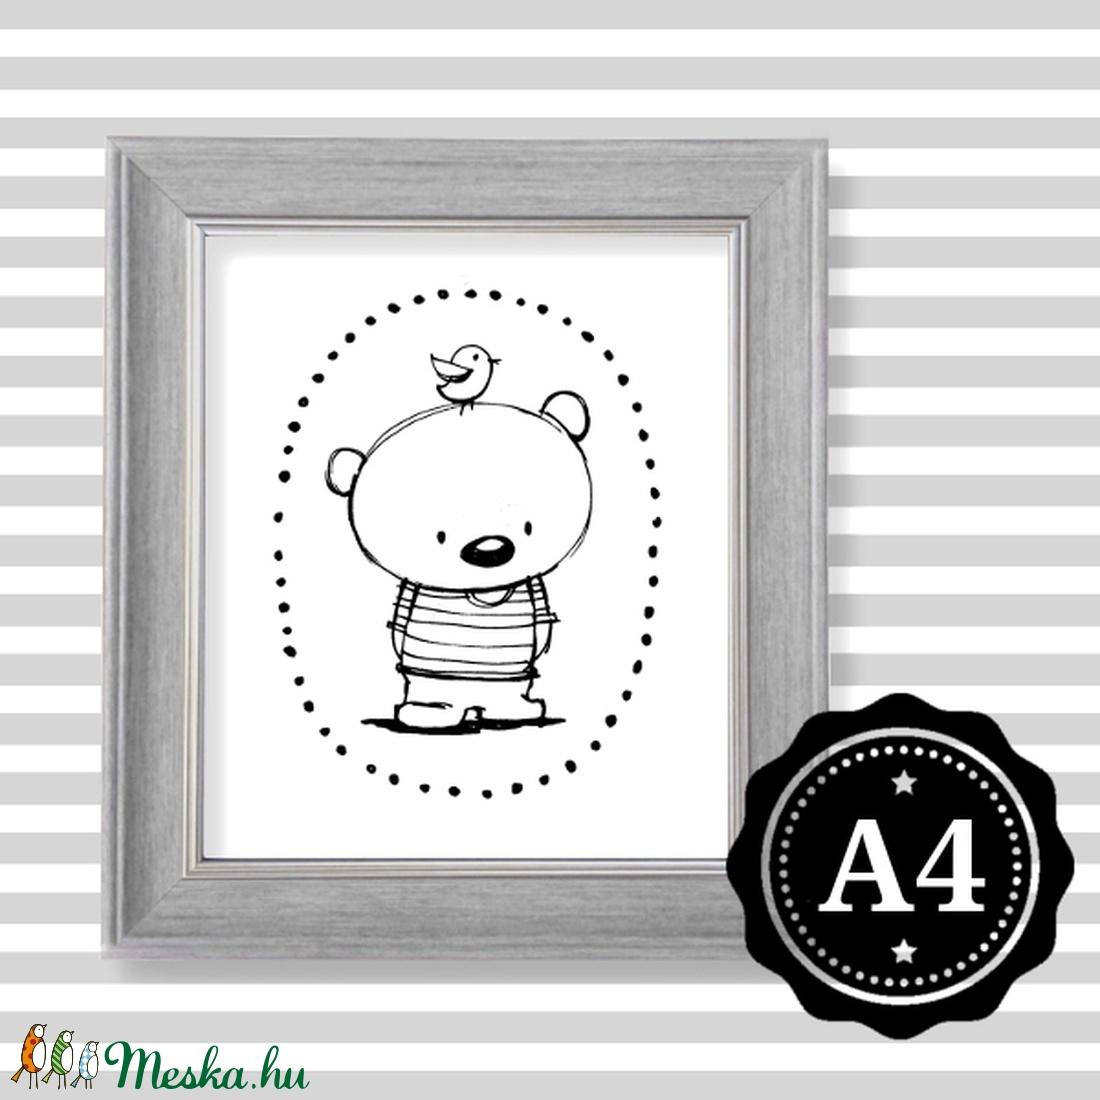 Illusztráció repró reprodukció nyomat print grafika festmény fekete fehér medve maci mackó (meilingerzita) - Meska.hu